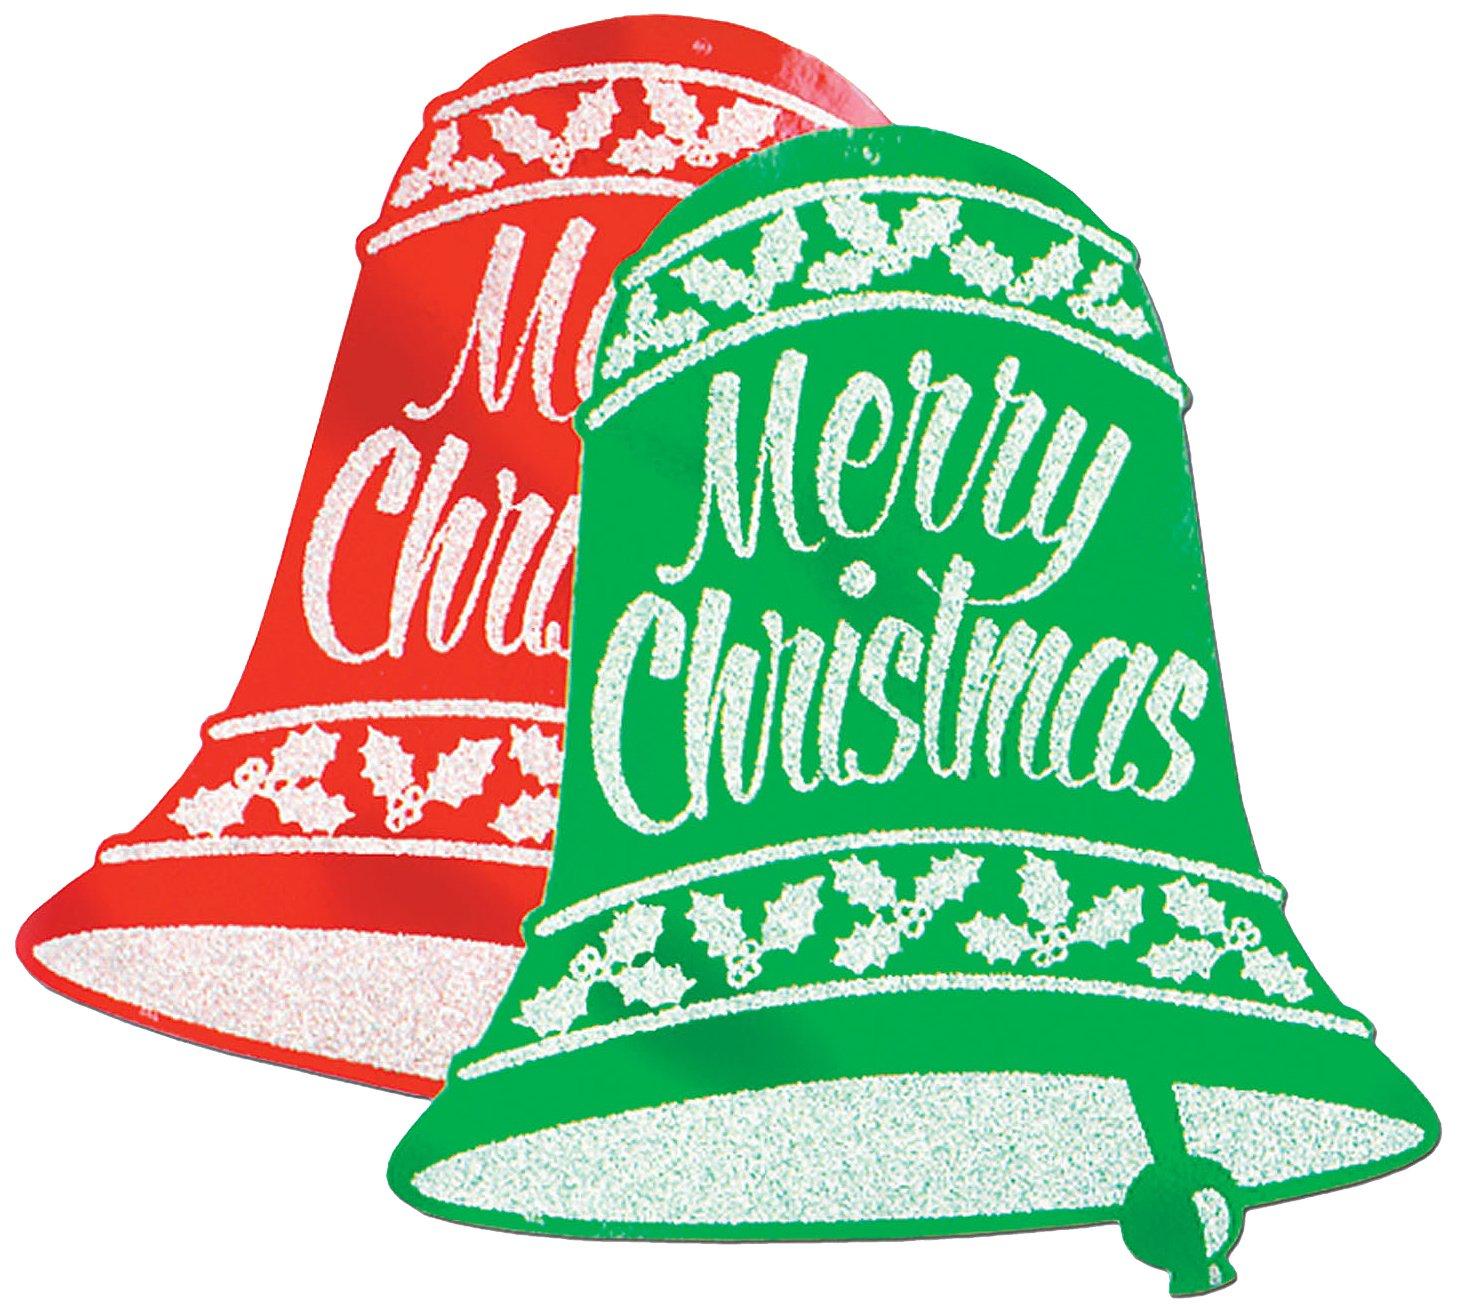 Beistle 22963 12 piezas piezas piezas de pancartas de Navidad brillantes, 18 pulgadas por 16 pulgadas 7b0fb8